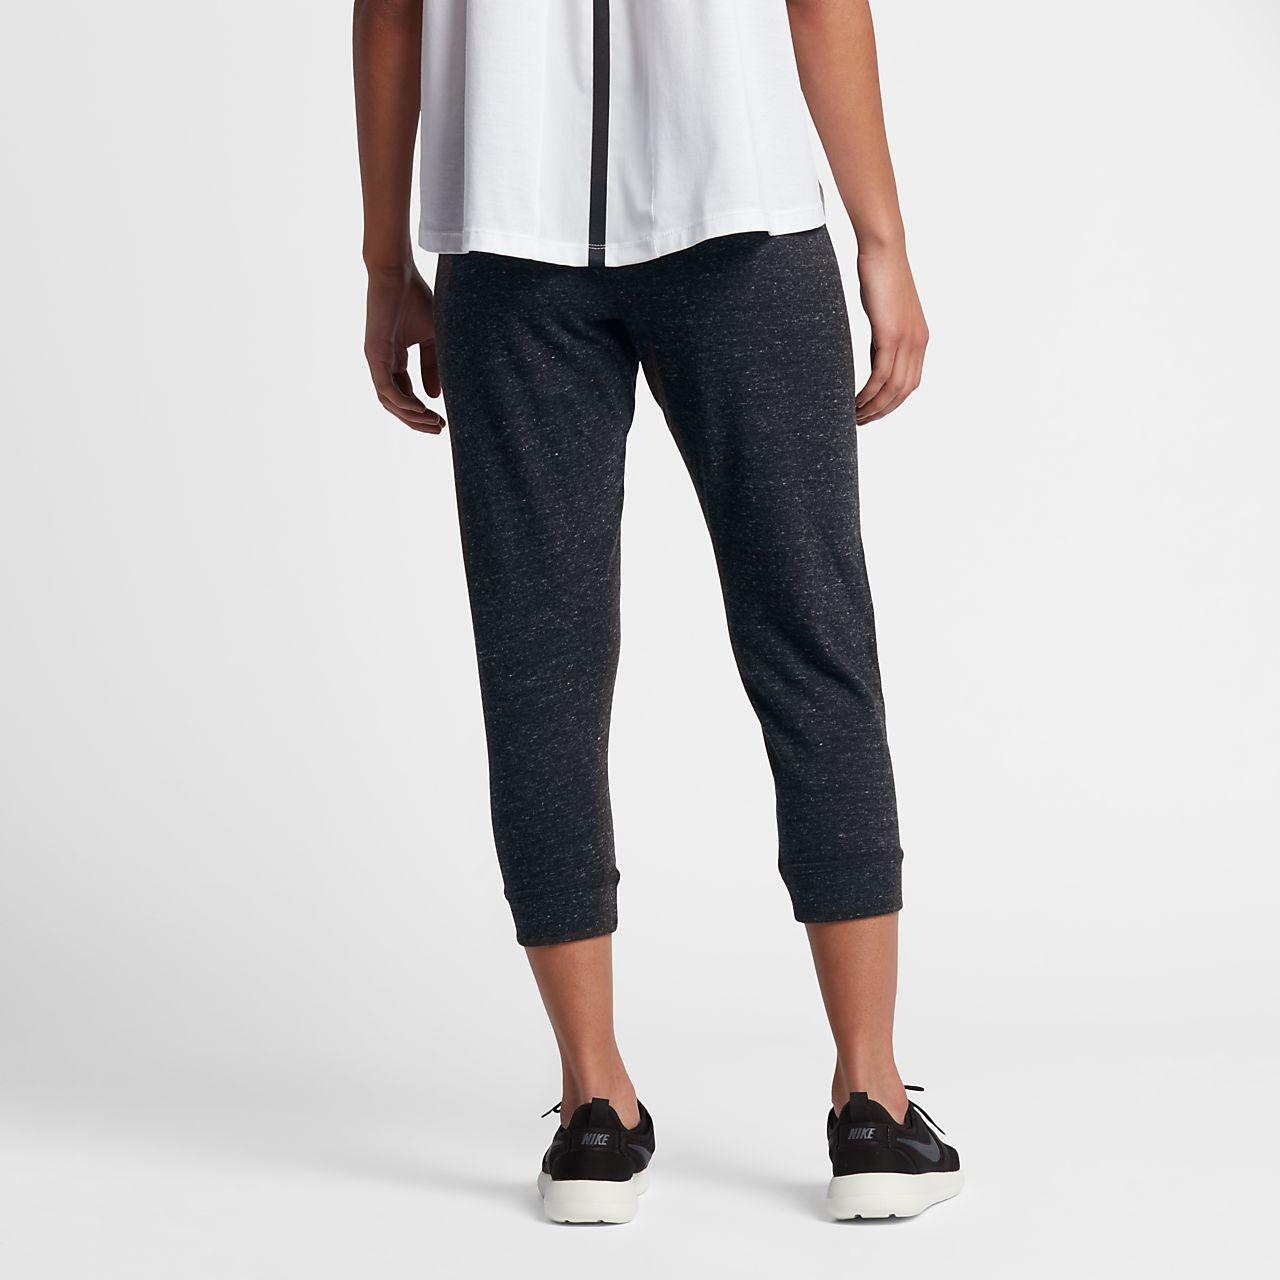 ff9deeccf Pescadores para mujer Nike Sportswear Vintage